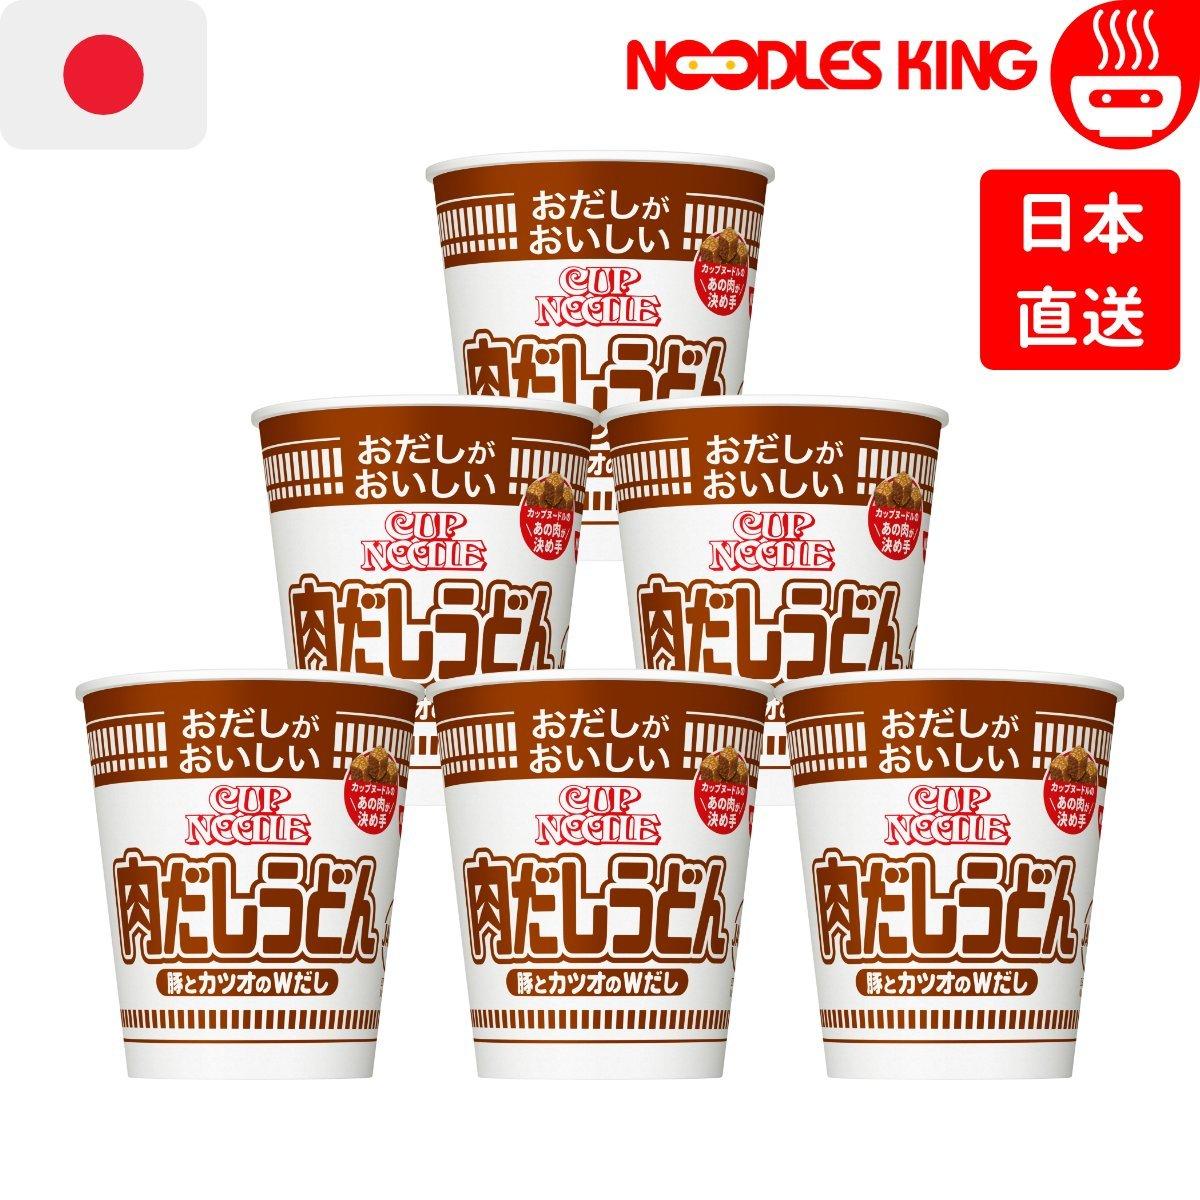 Cup Noodles Udon - Pork Dashi Flavour (Japan) 63g x 6